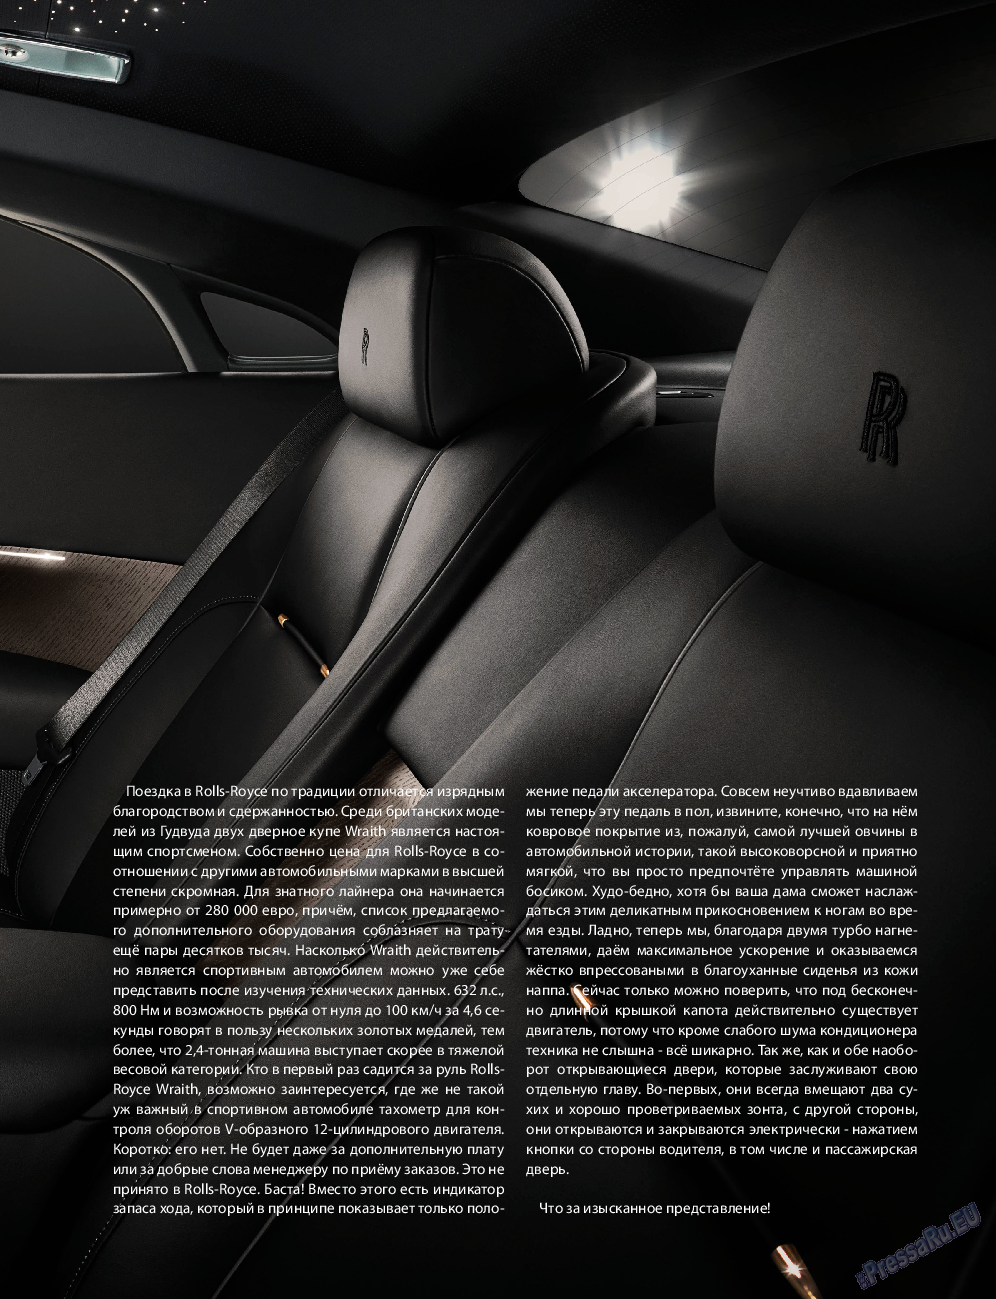 Клан (журнал). 2015 год, номер 9, стр. 111